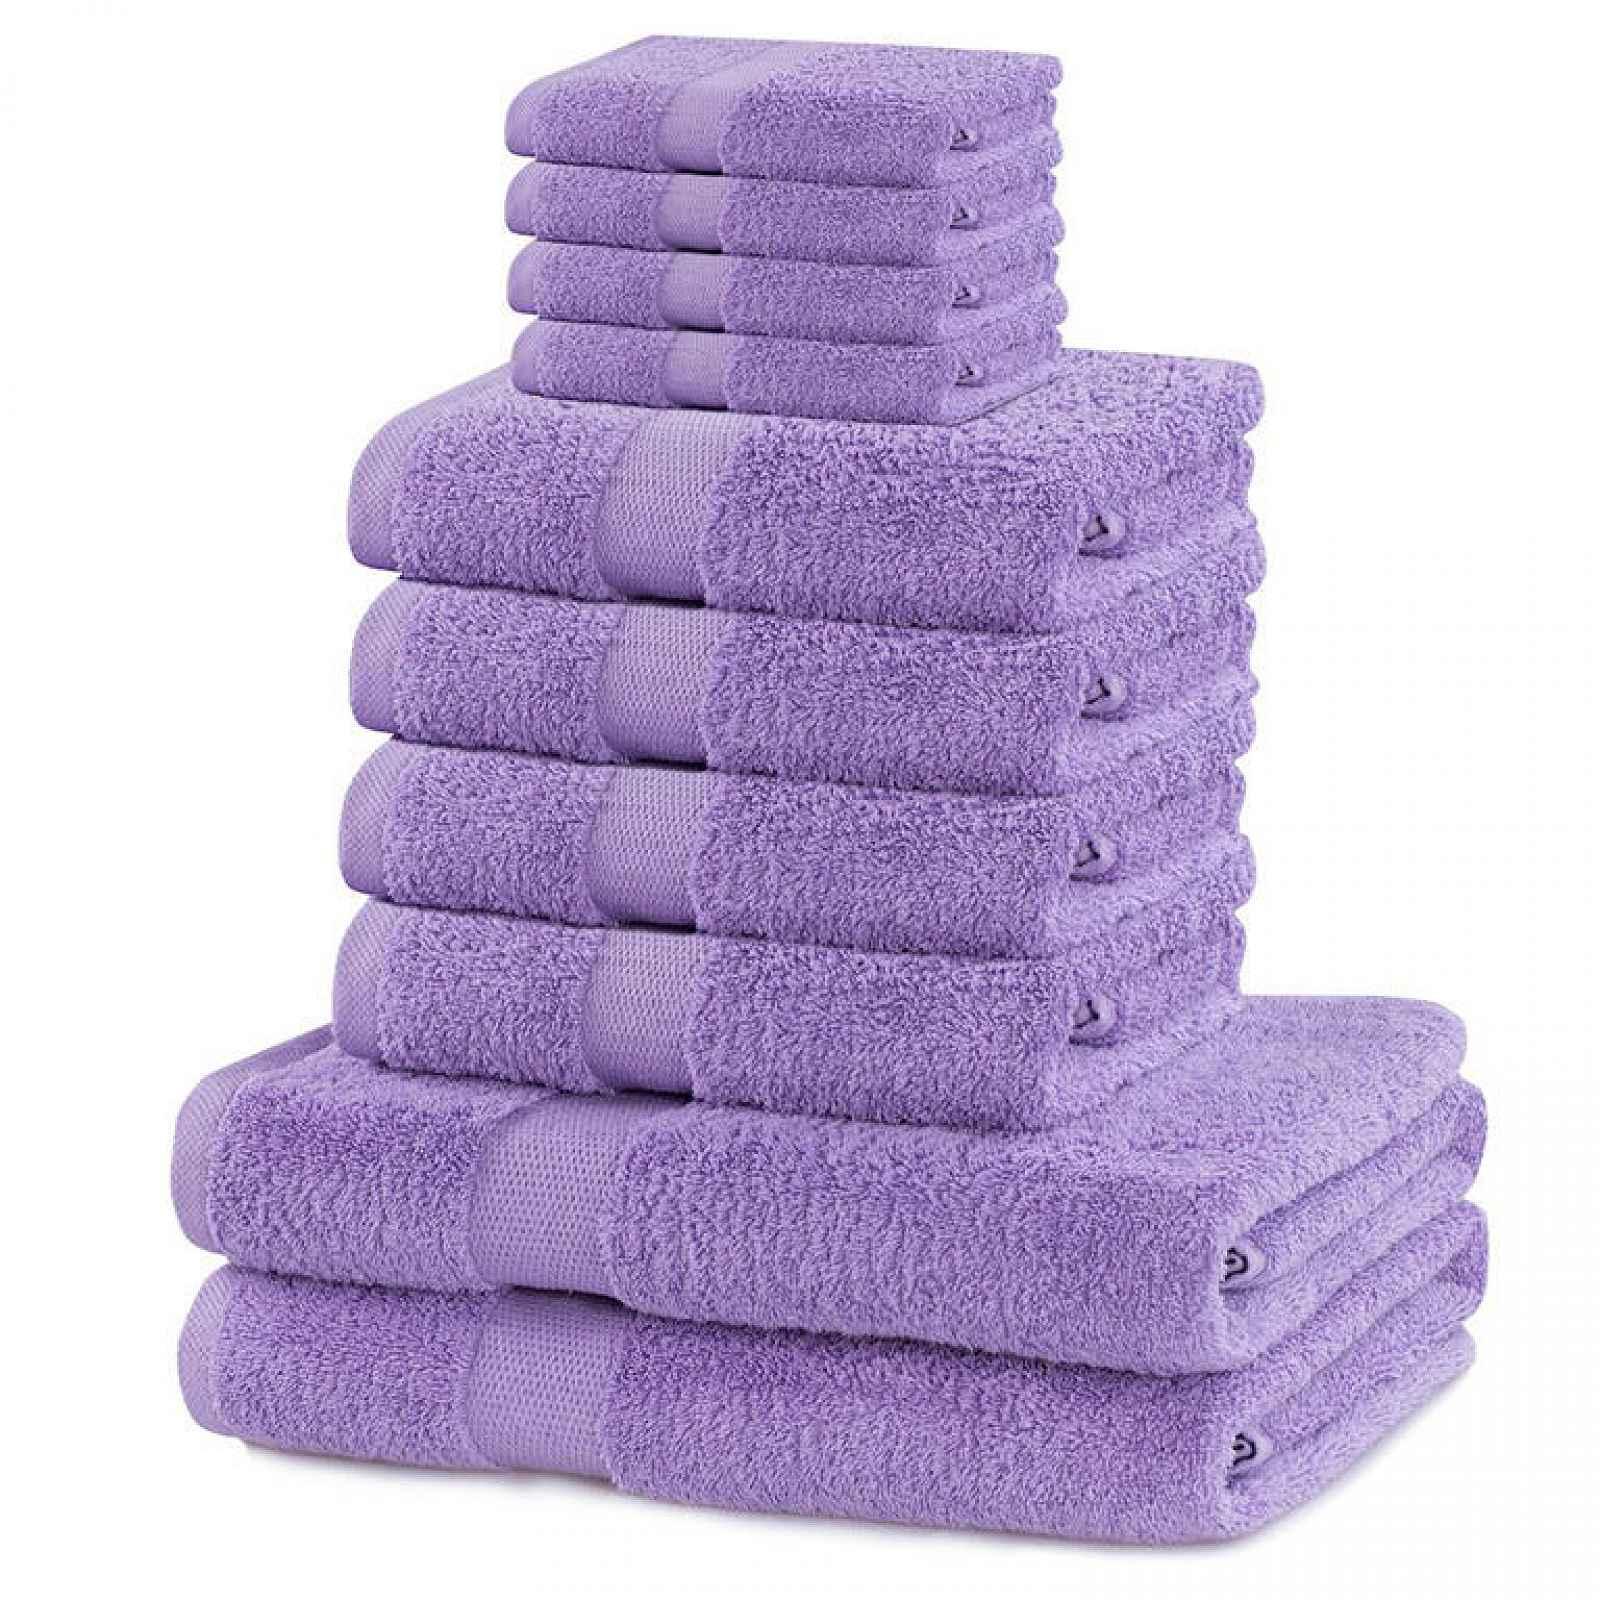 Sada froté ručníků a osušek MARINA lila10 ks